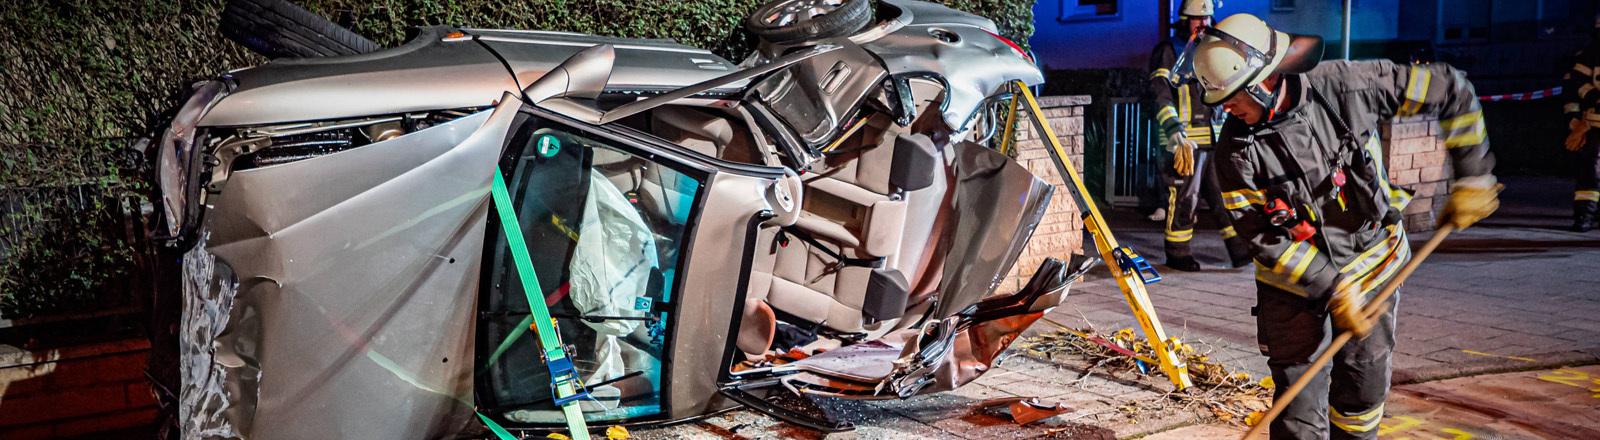 Unfallwagen nach Autorennen.